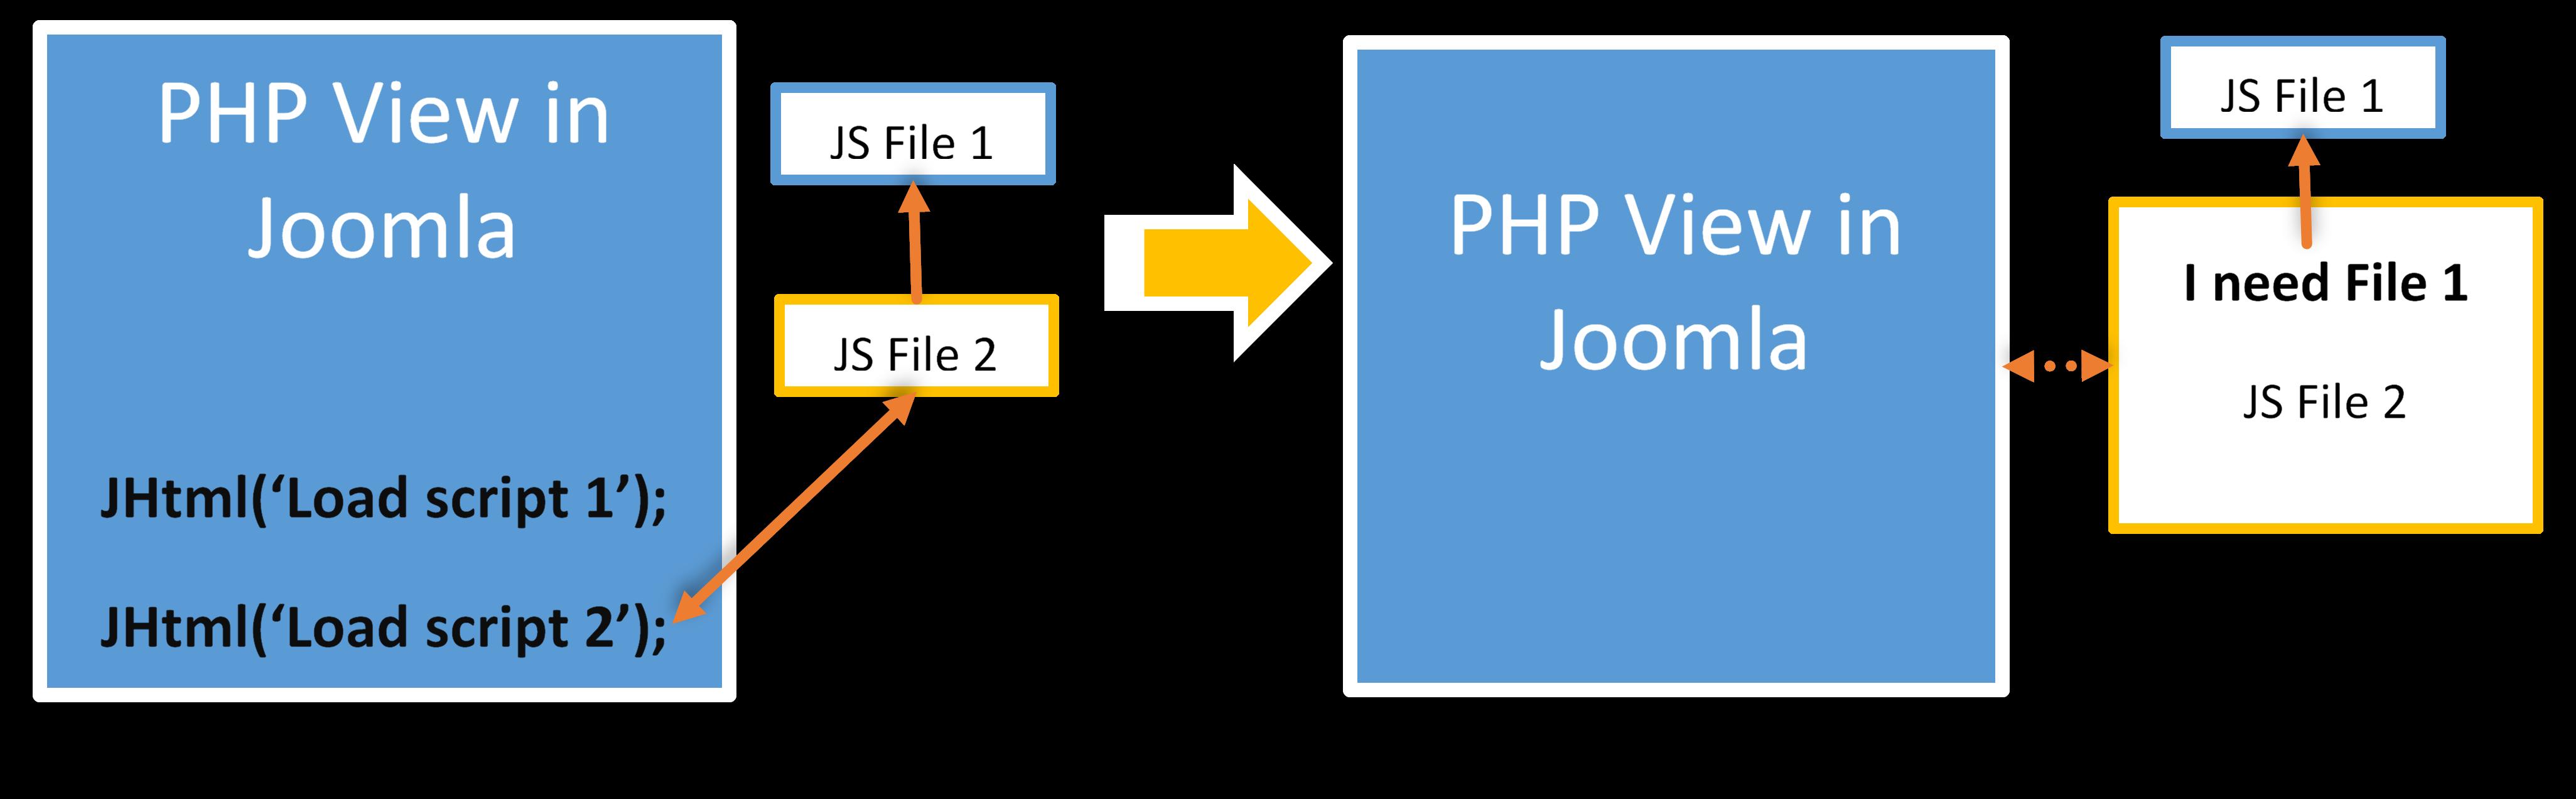 Joomla JavaScrip, Fix It's Right?